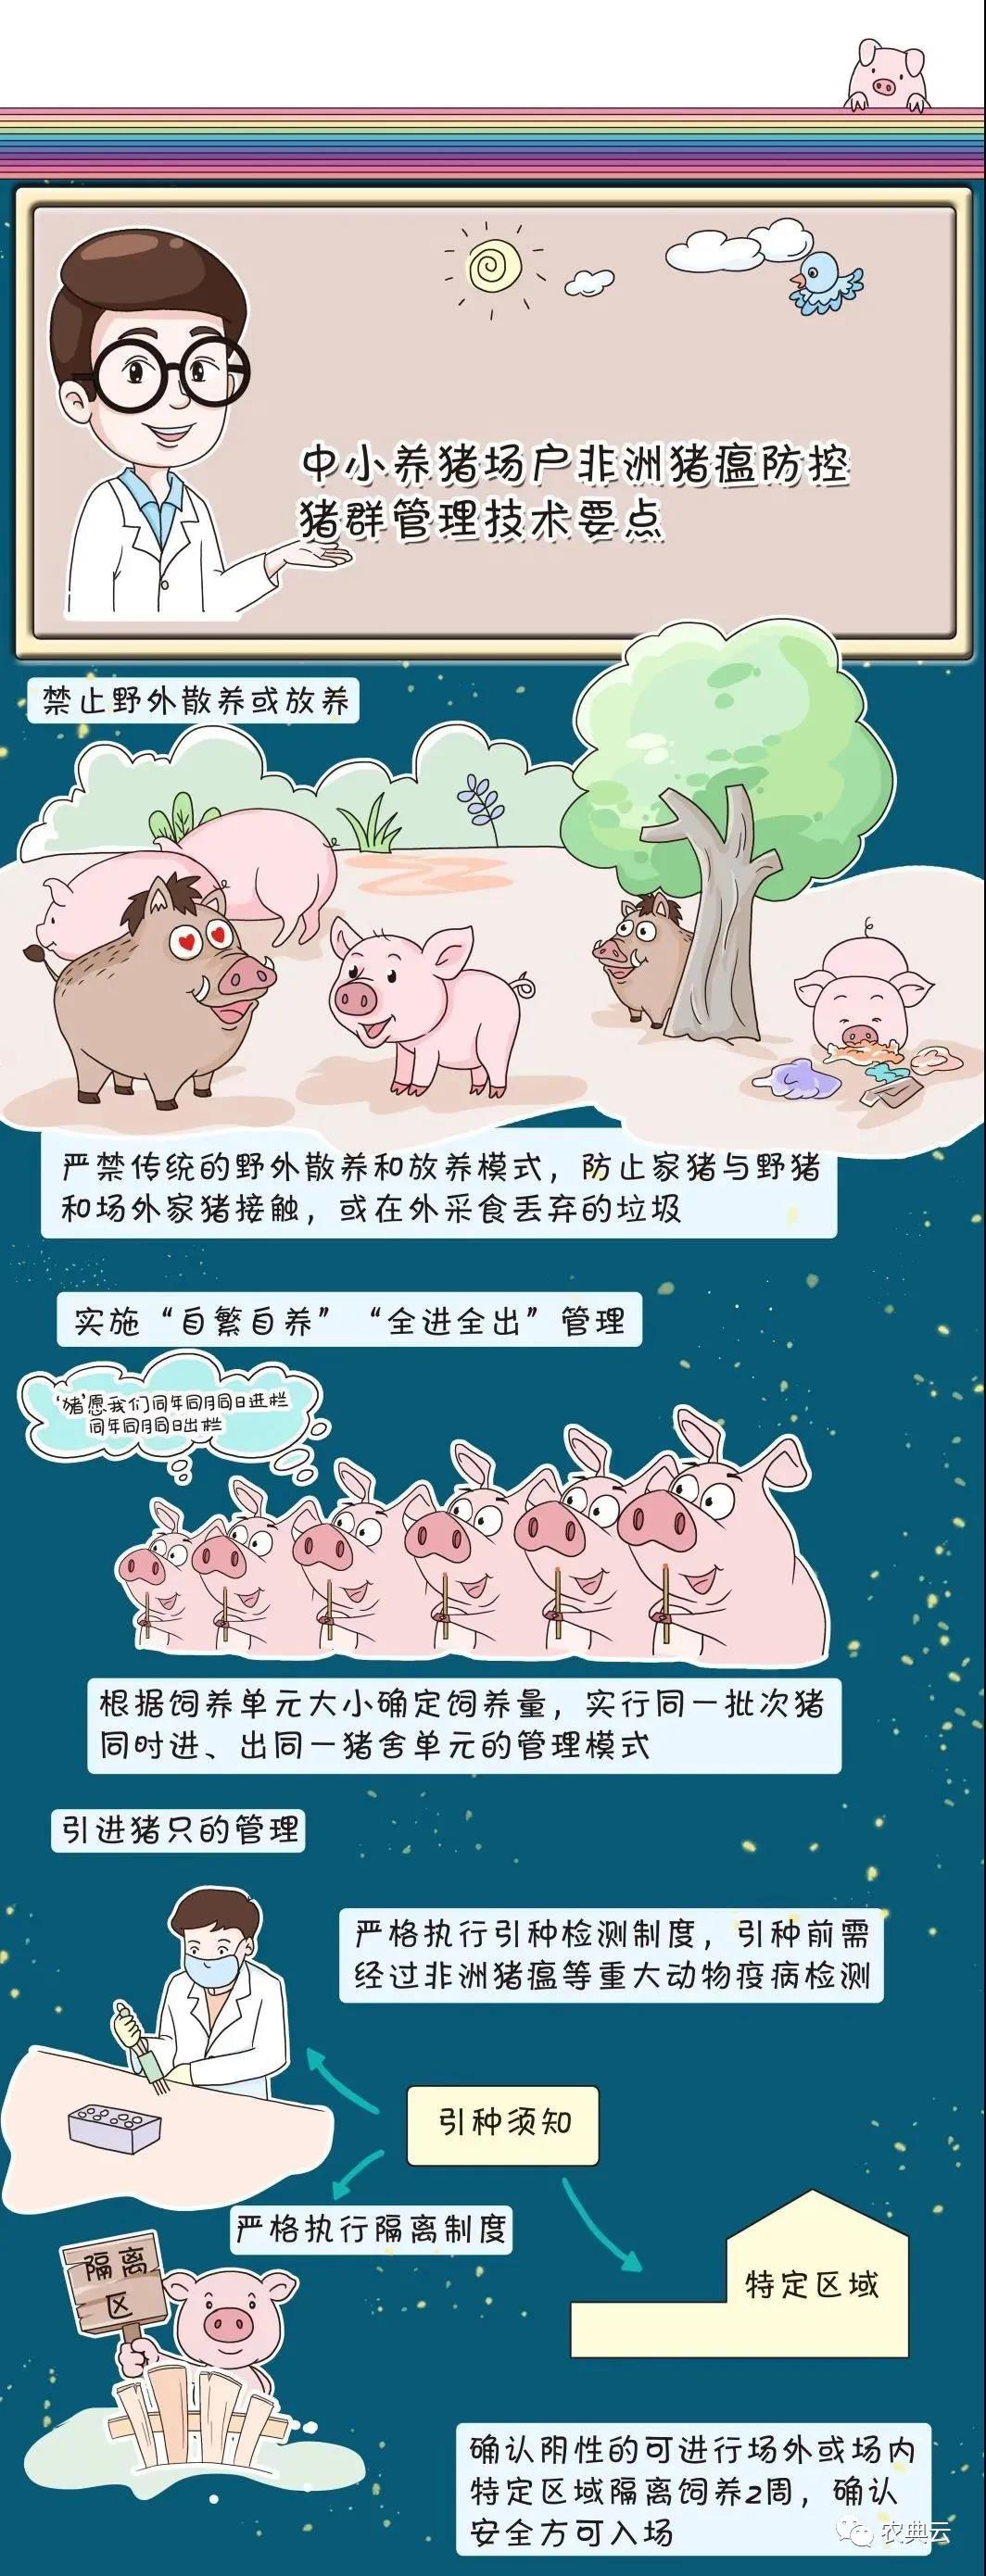 中小养猪场户:冬季非洲猪瘟防控猪群管理一定要注意的要点!